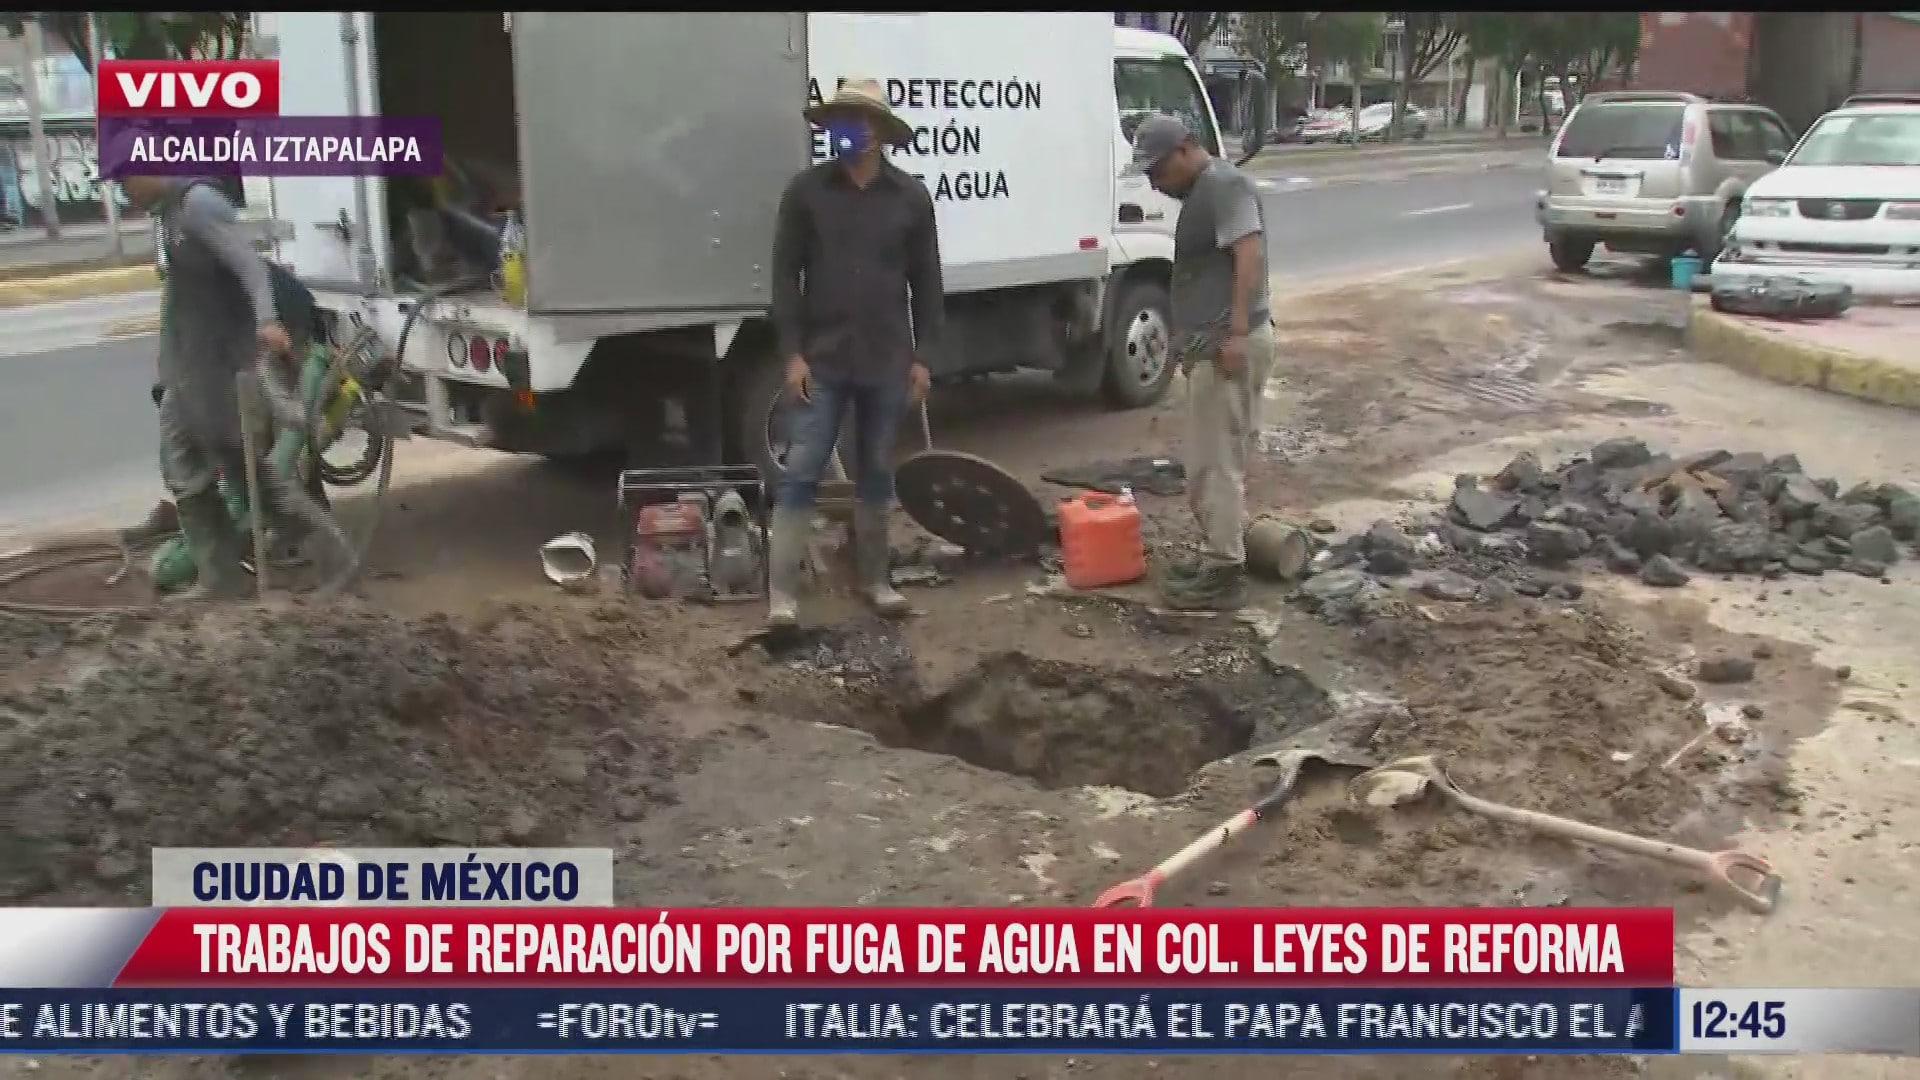 reparan fuga de agua en colonia reyes de reforma iztapalapa